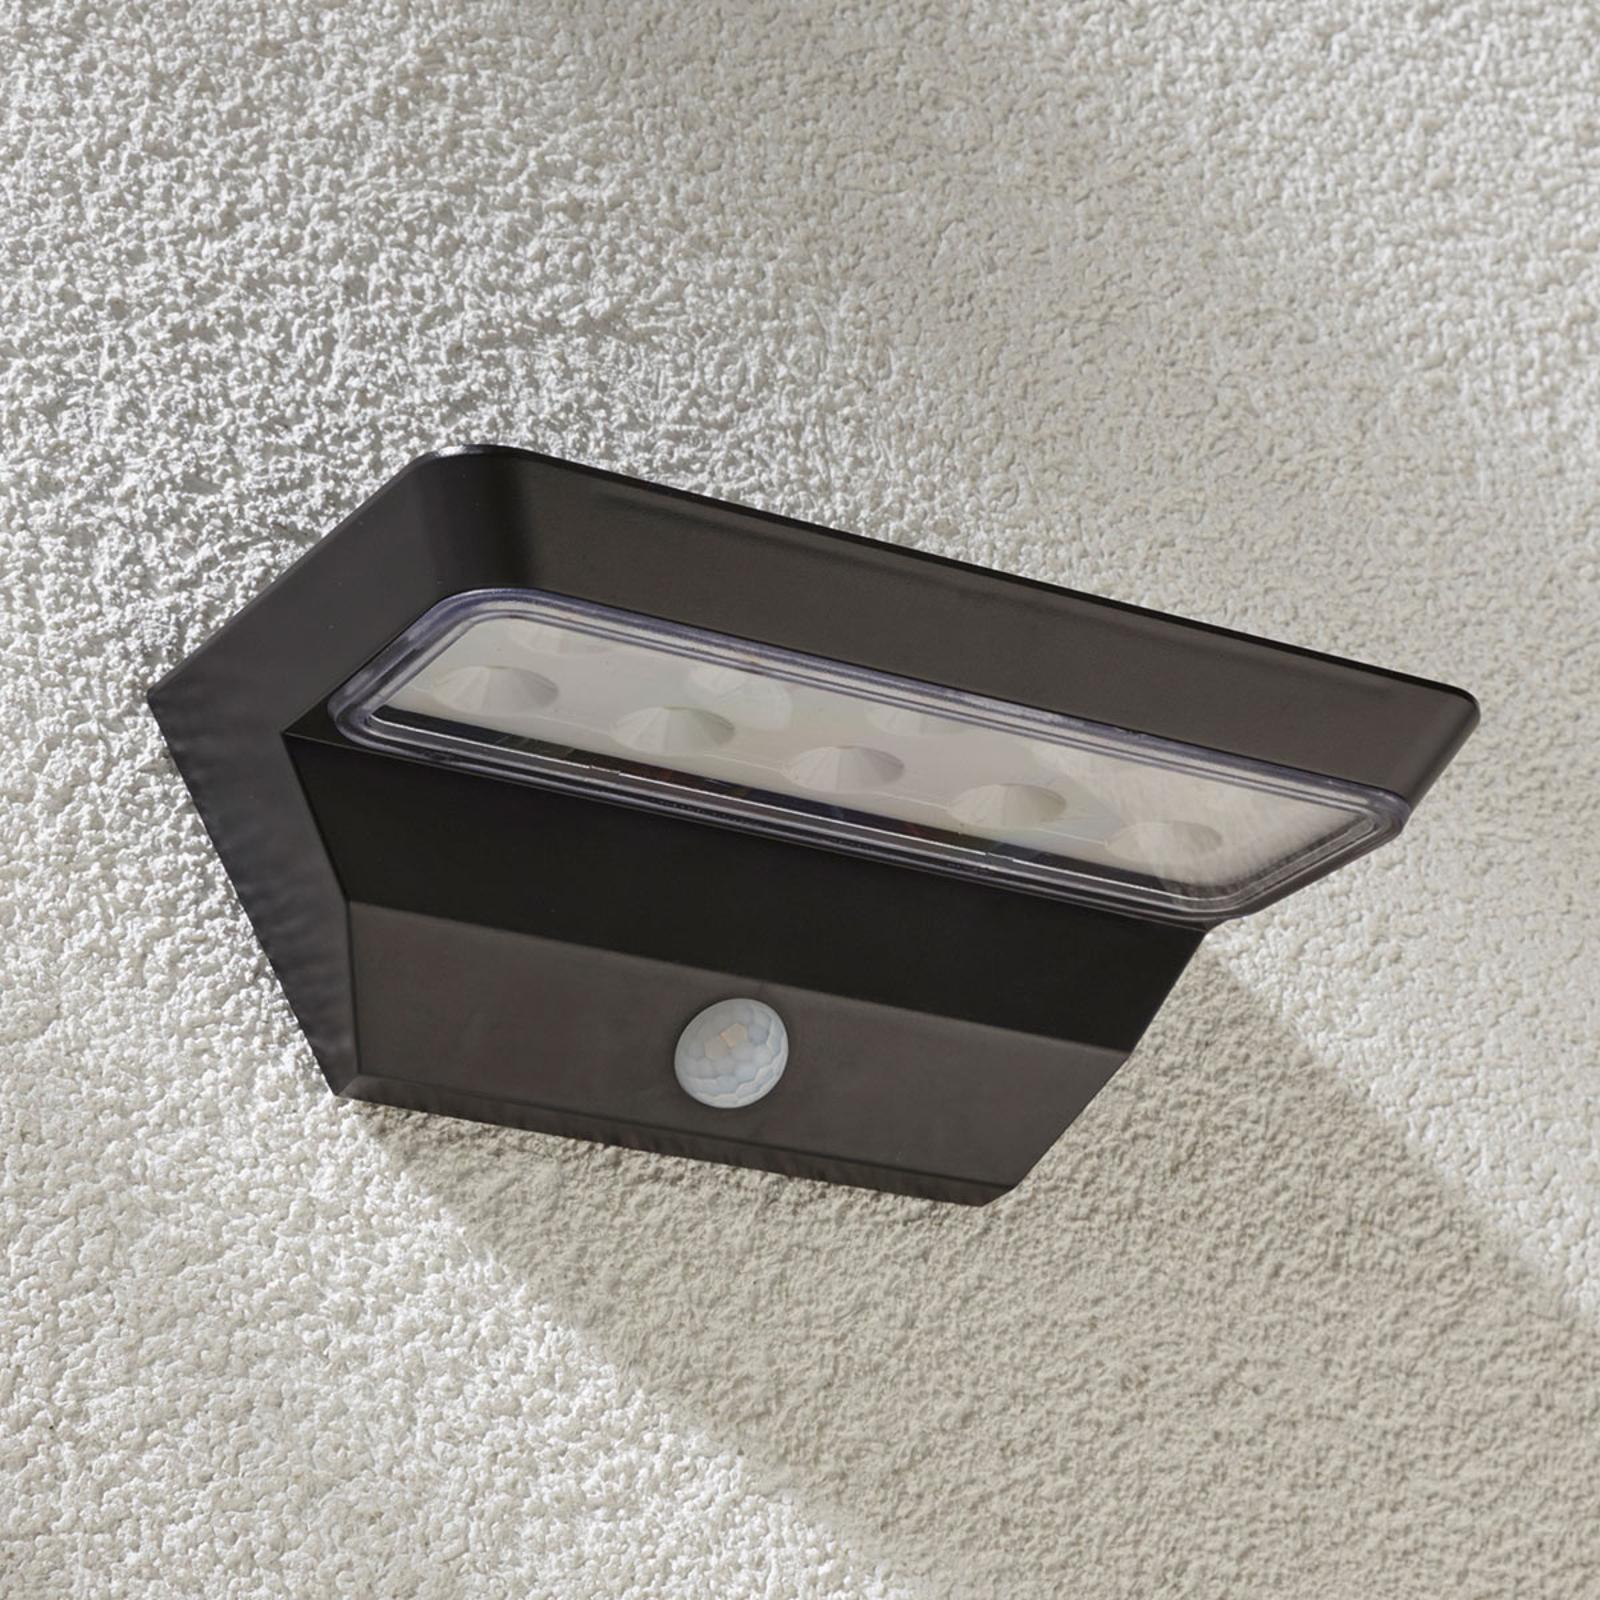 Vegglampe Emilio - med solcelle, sensor og LED-lys